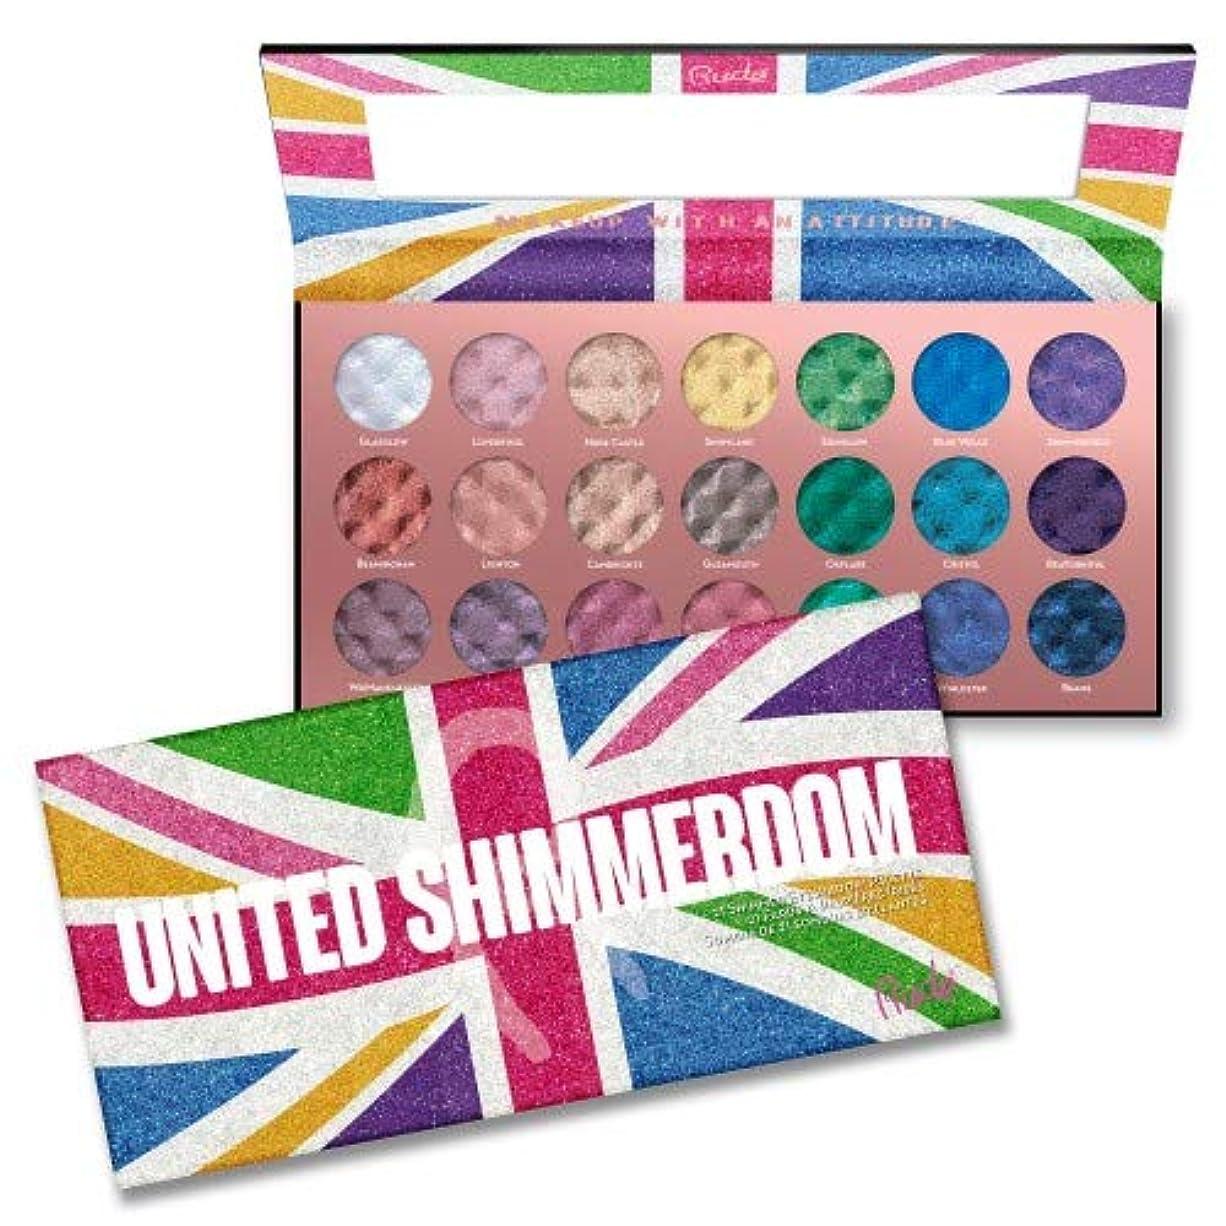 信頼性追加するクルーズ(6 Pack) RUDE United Shimmerdom - 21 Shimmer Eyeshadow Palette (並行輸入品)